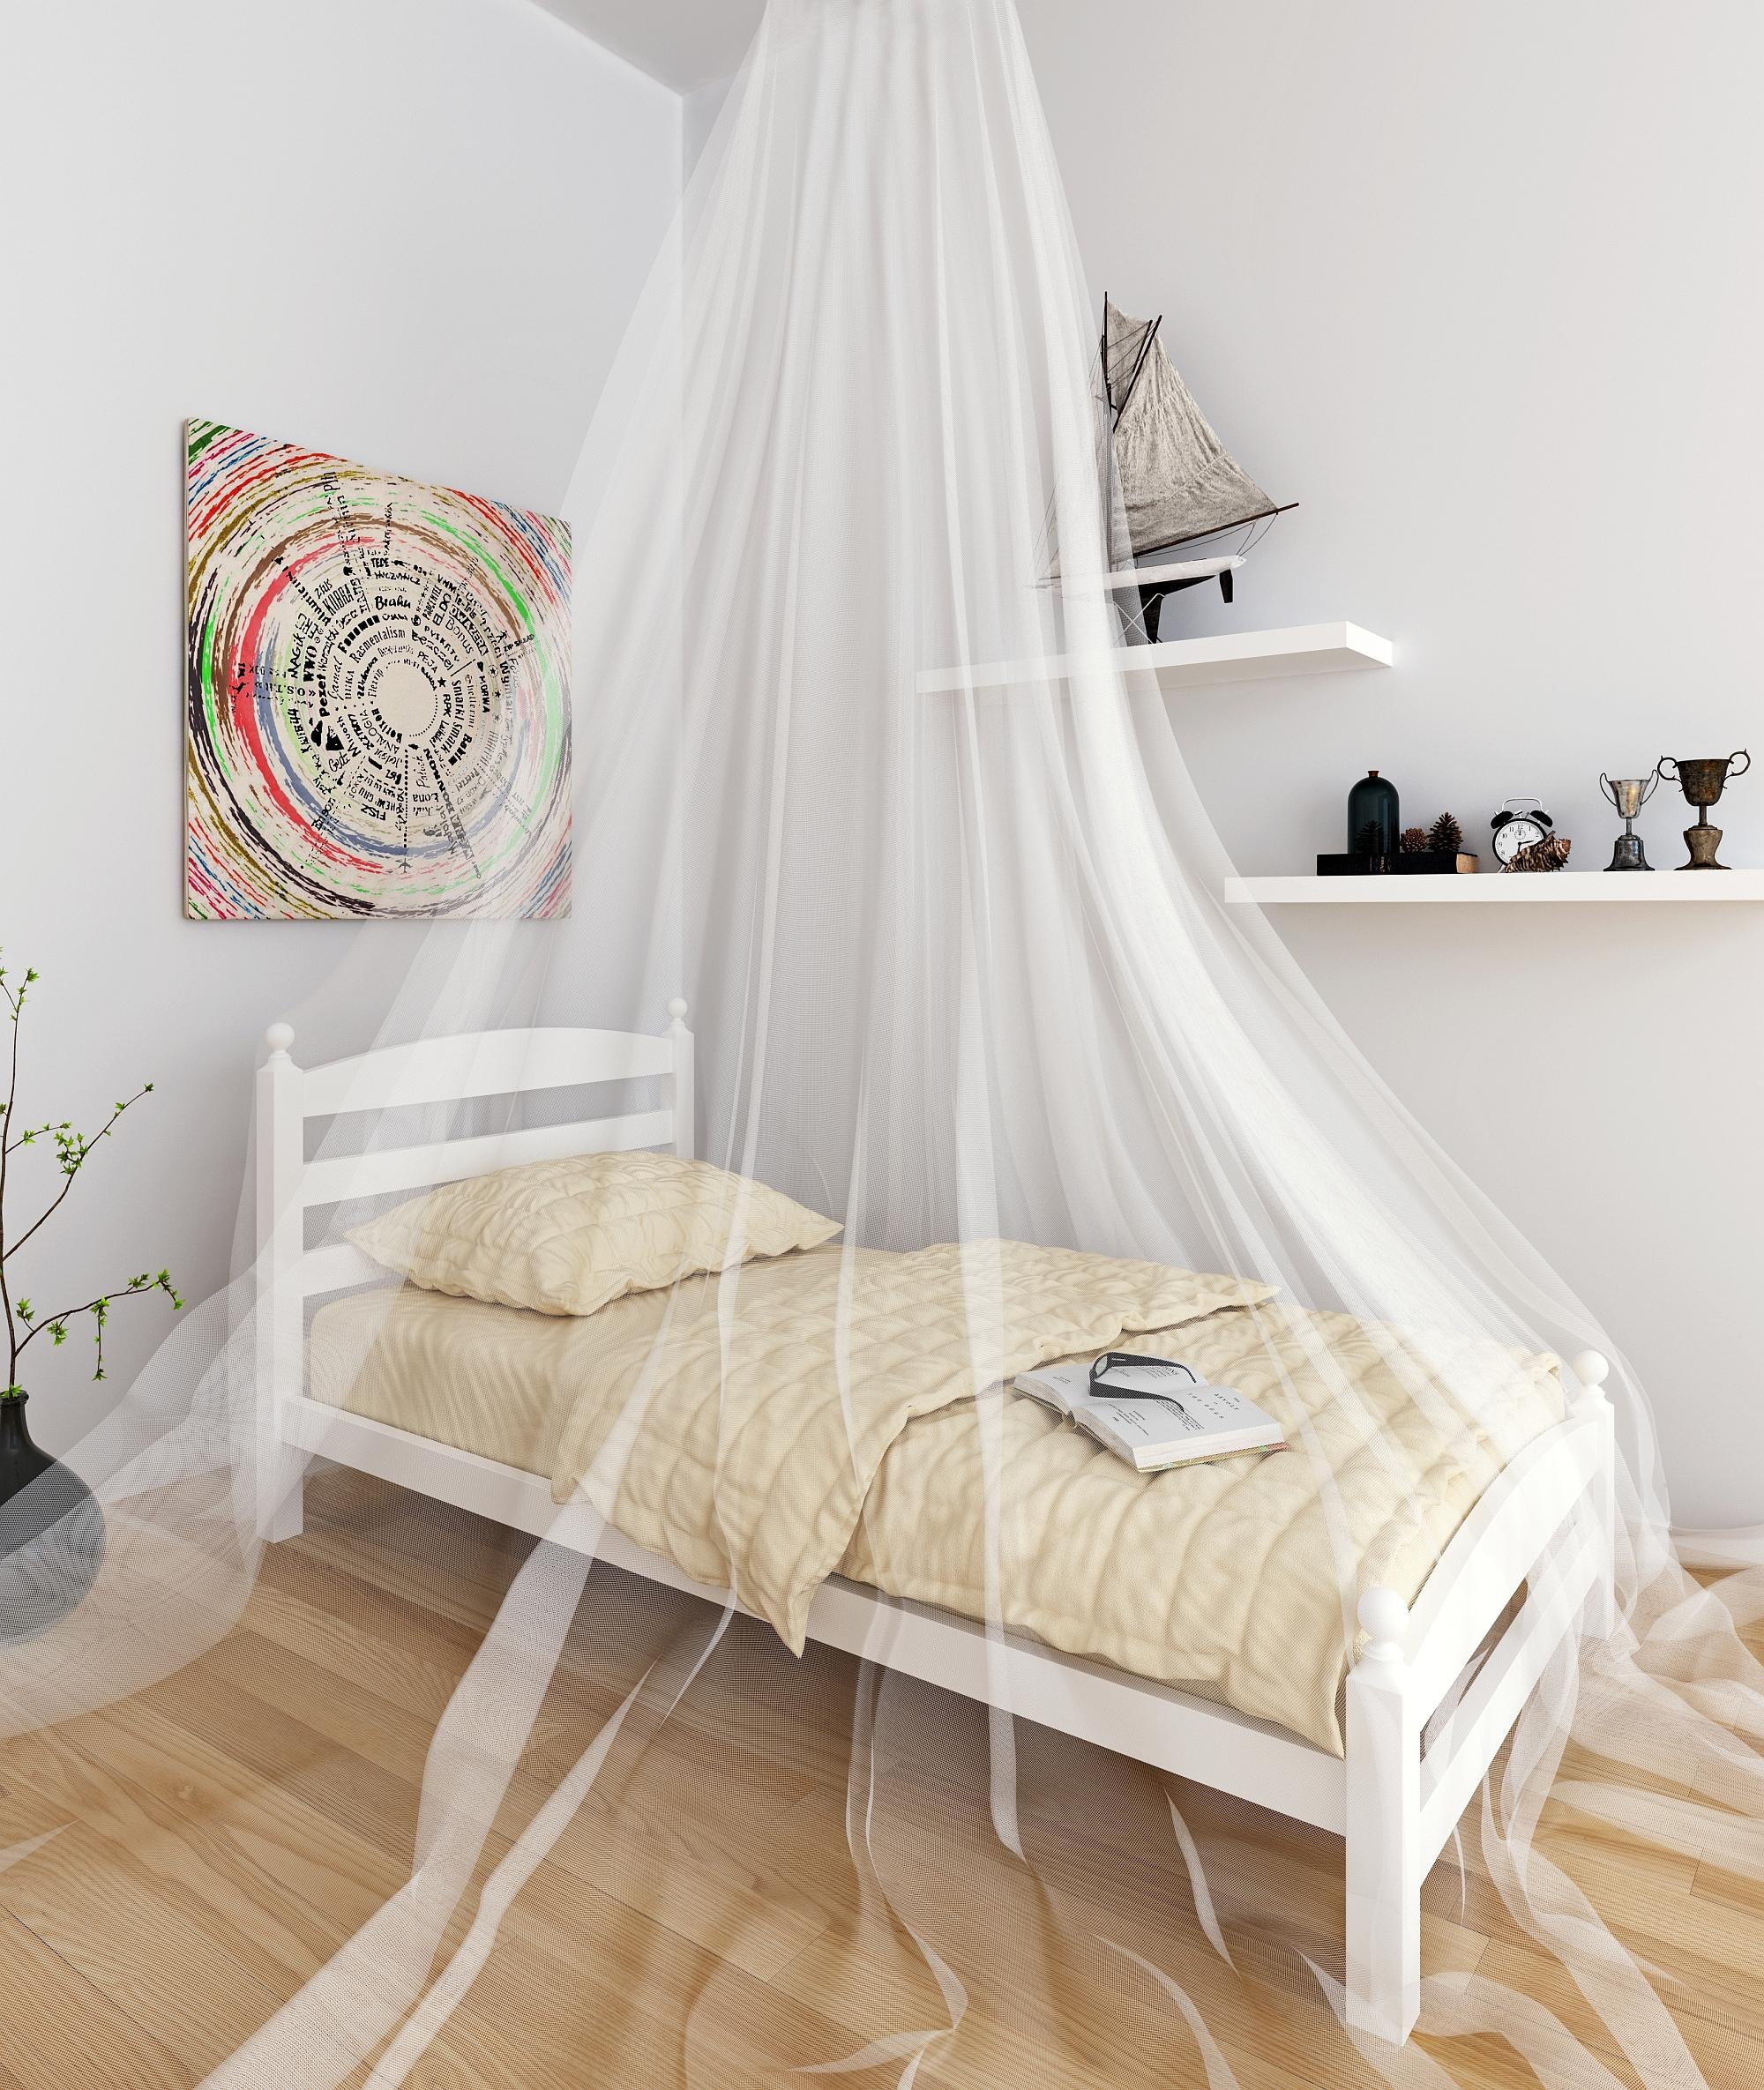 mosquitonetz insektenschutz teso insektenschutzsysteme. Black Bedroom Furniture Sets. Home Design Ideas